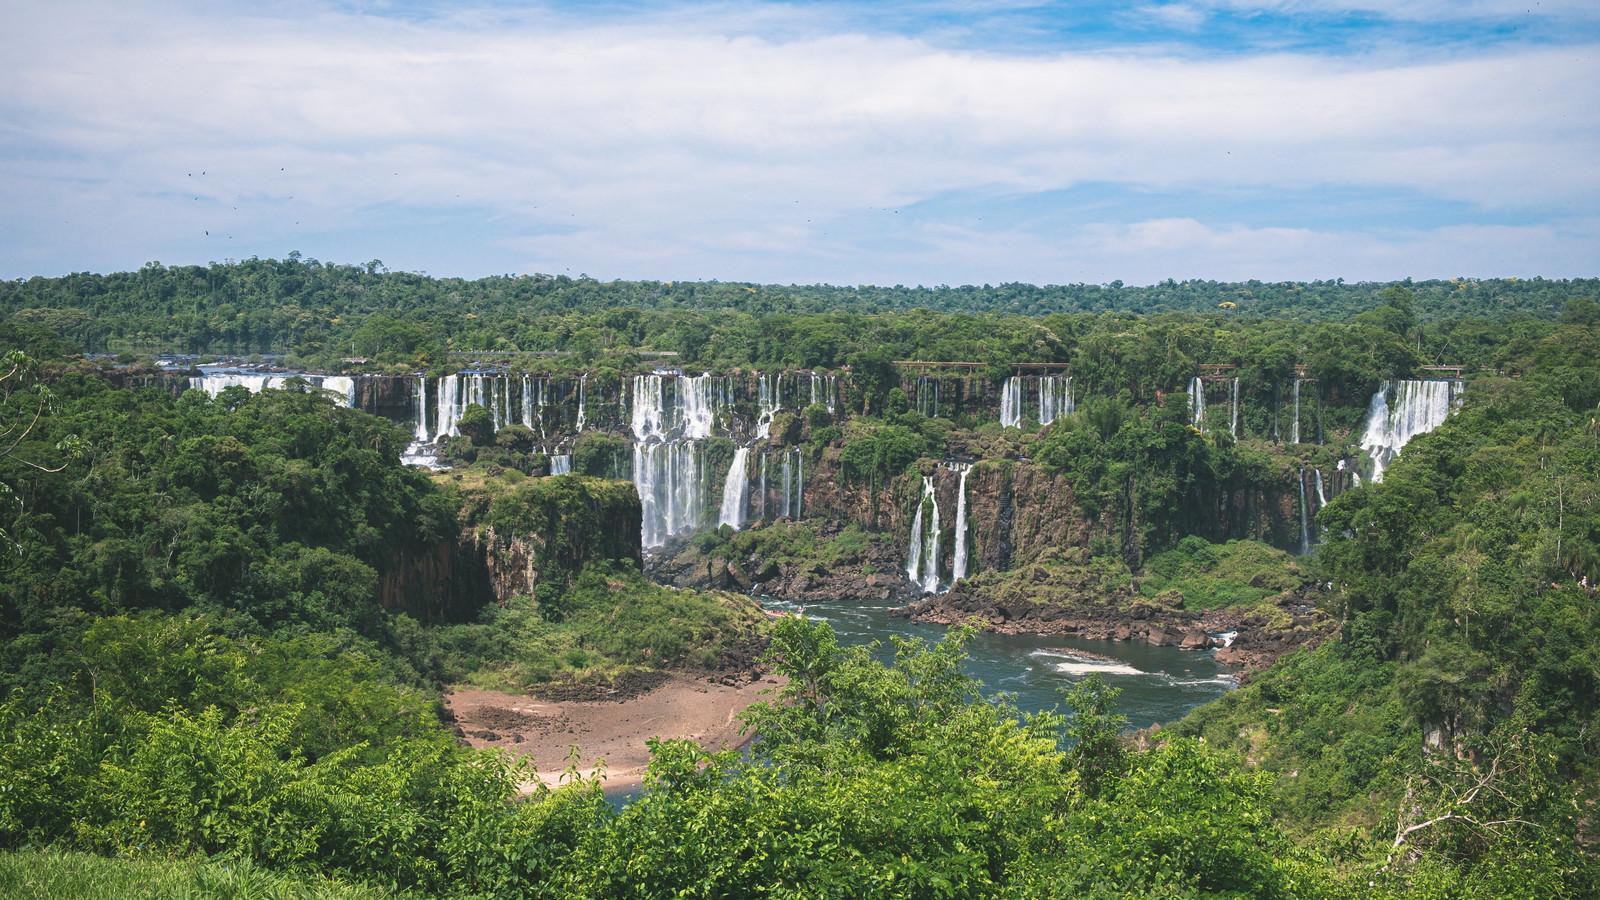 「森の中に現れた世界最大の滝(イグアスの滝)」の写真